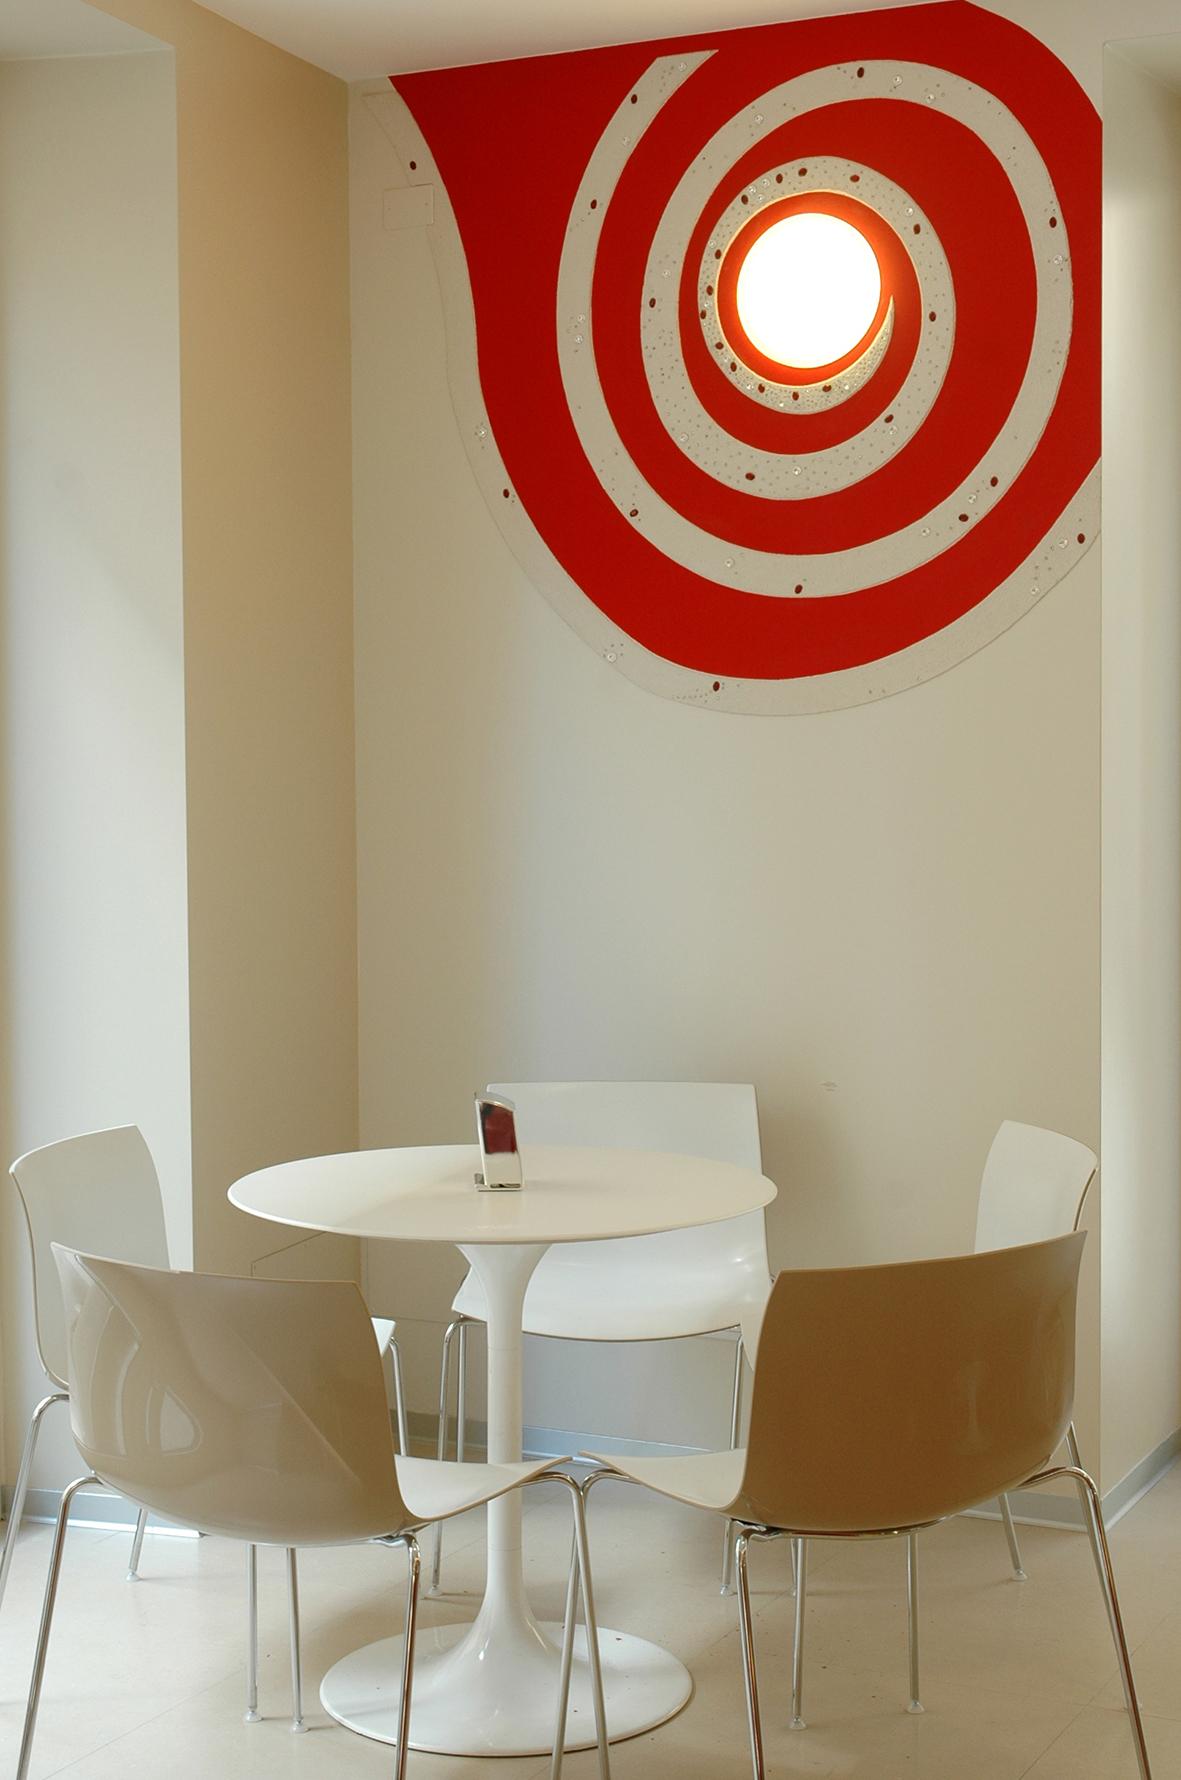 Studio-di-architettura-Baisotti-Sigala-prgetti35